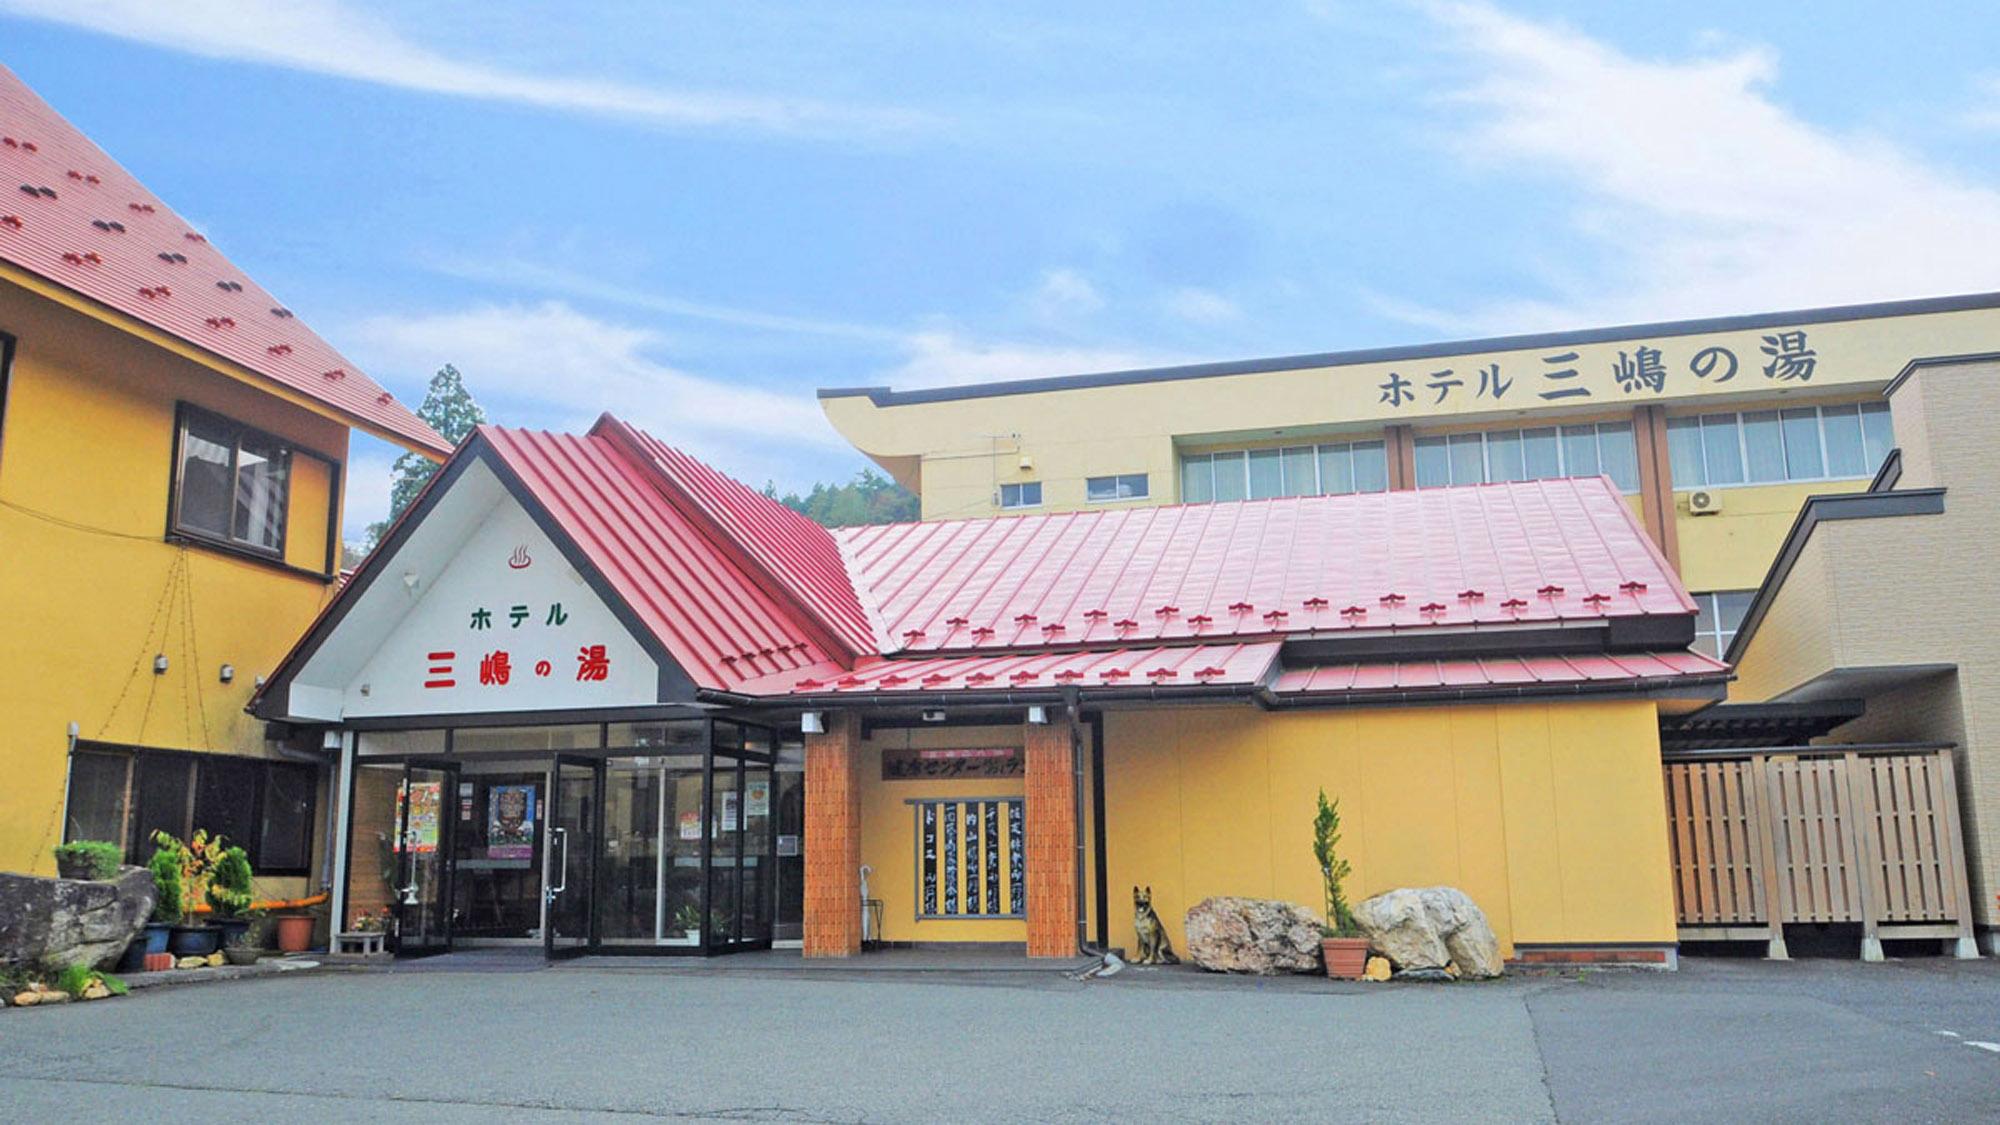 ホテル三嶋の湯 image